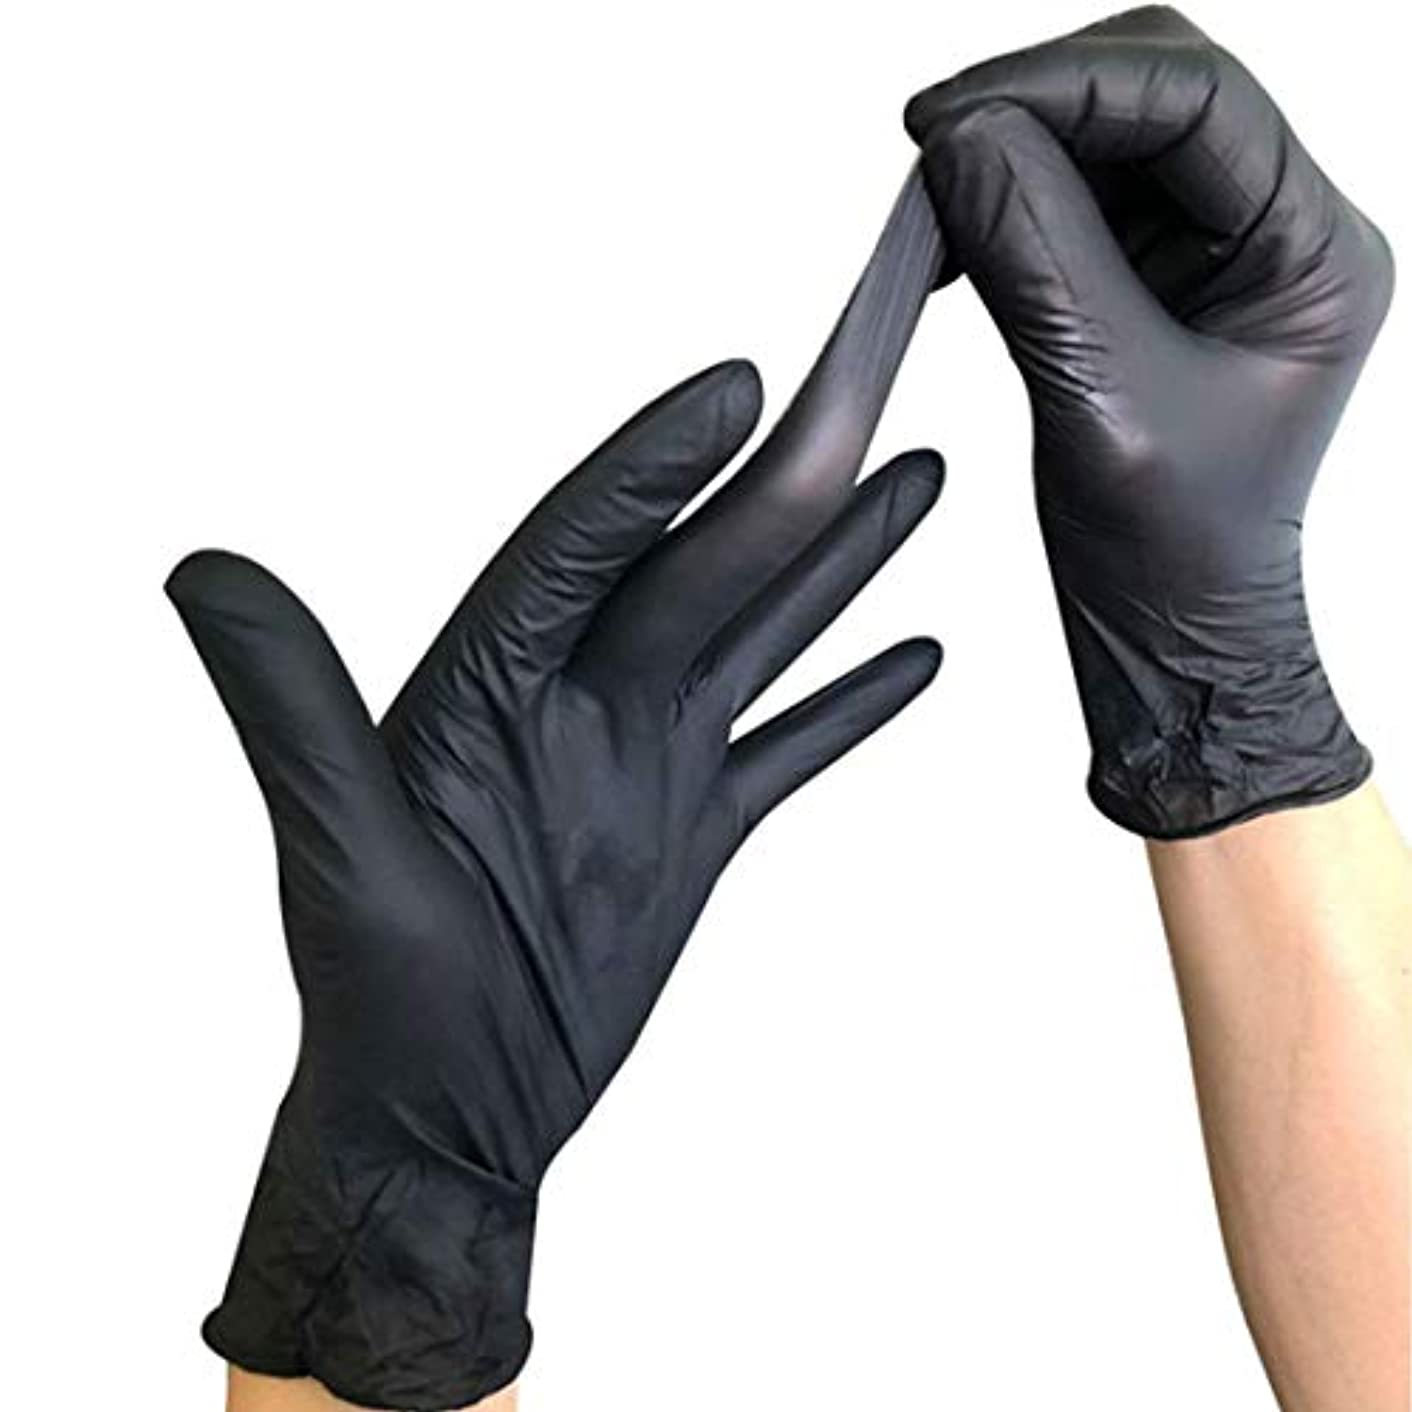 関与する花弁欠陥使い捨て手袋 ニトリル手袋 厚手防水 耐油 耐久性が強い上に軽く高品質黒 100枚